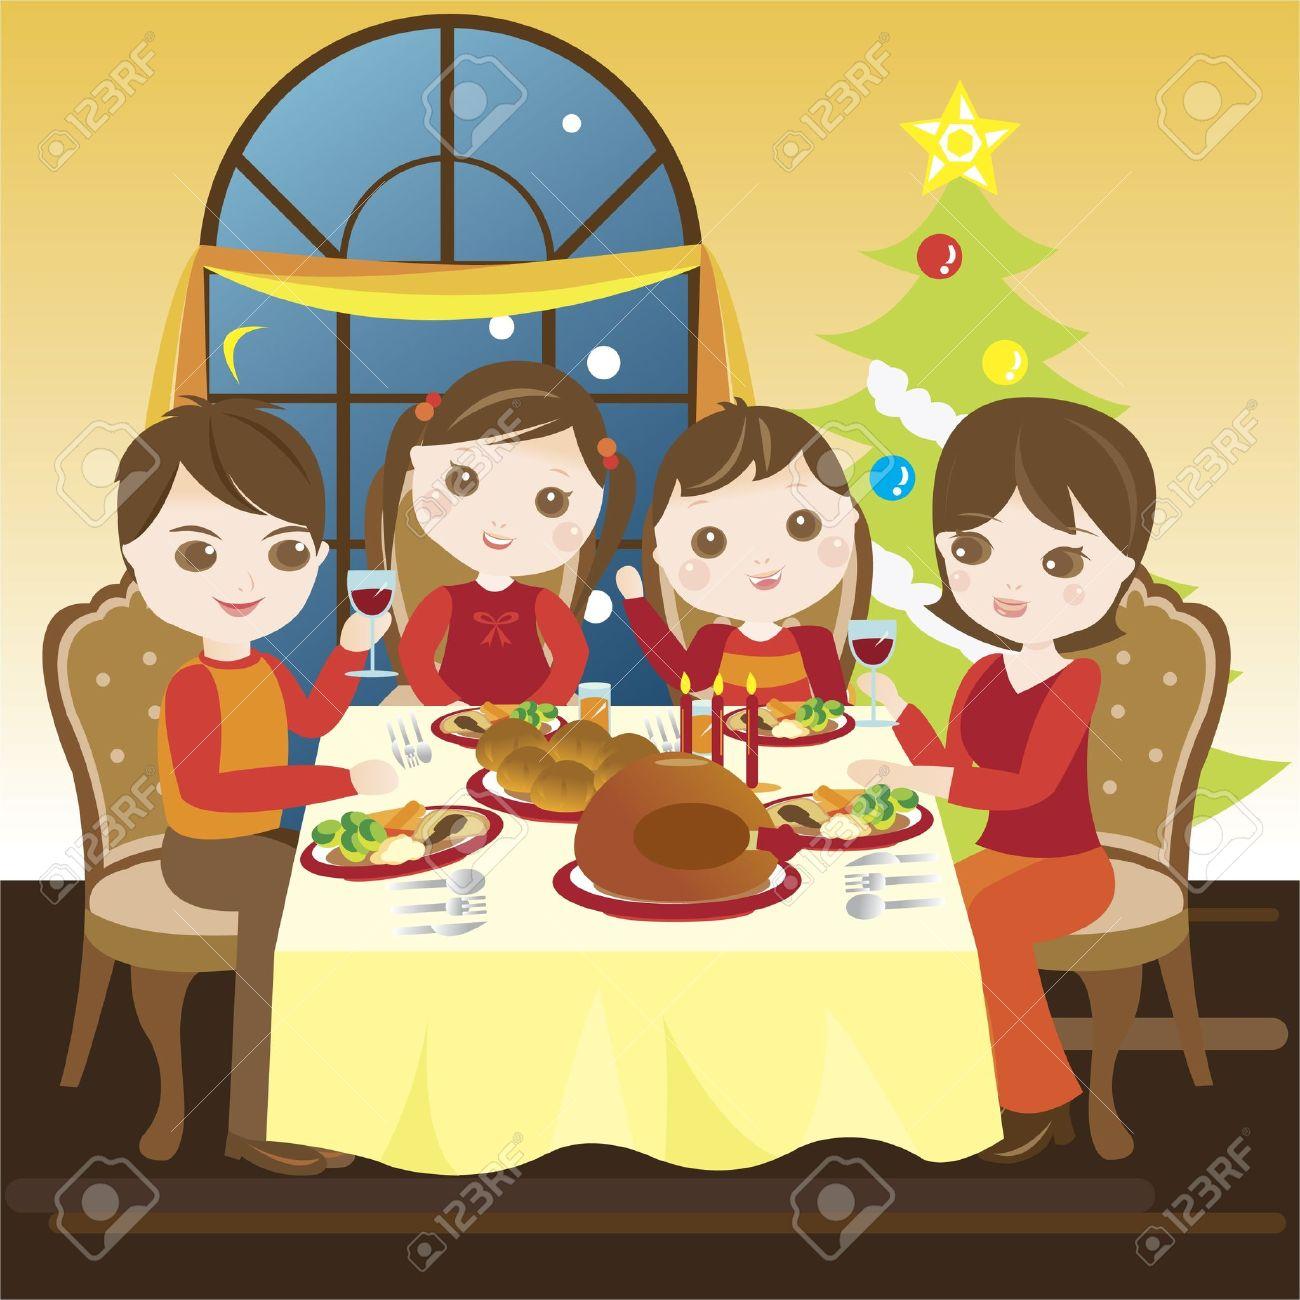 Family having christmas dinner together - 10715055